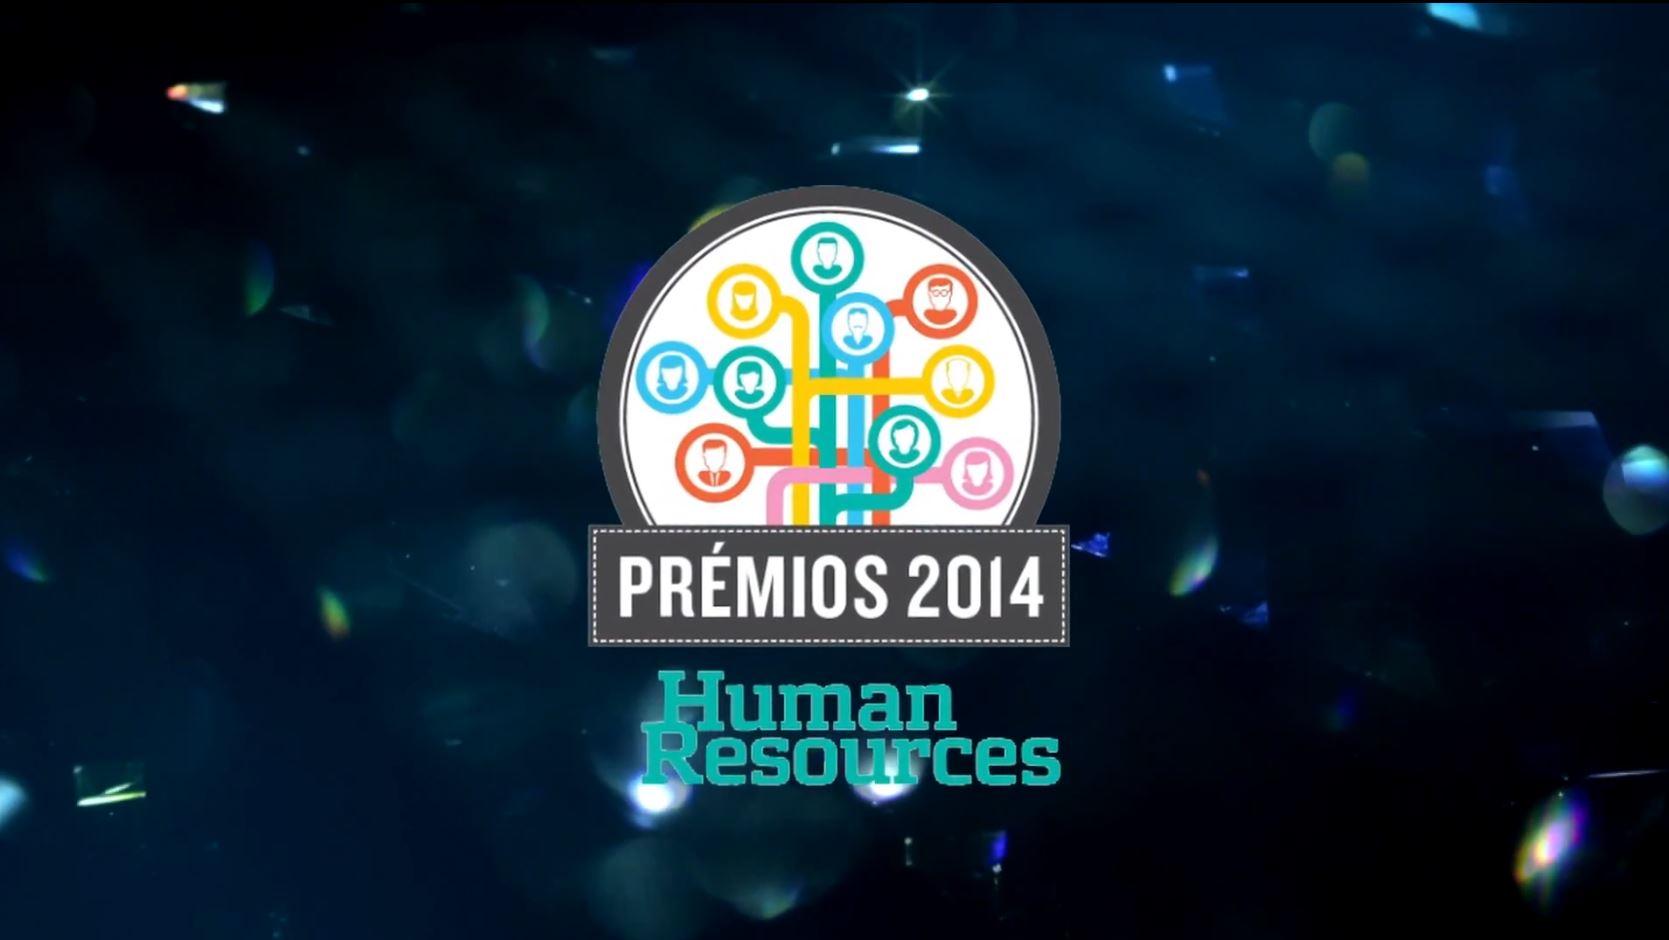 Cerimónia de Entrega de Prémios Human Resources 2014